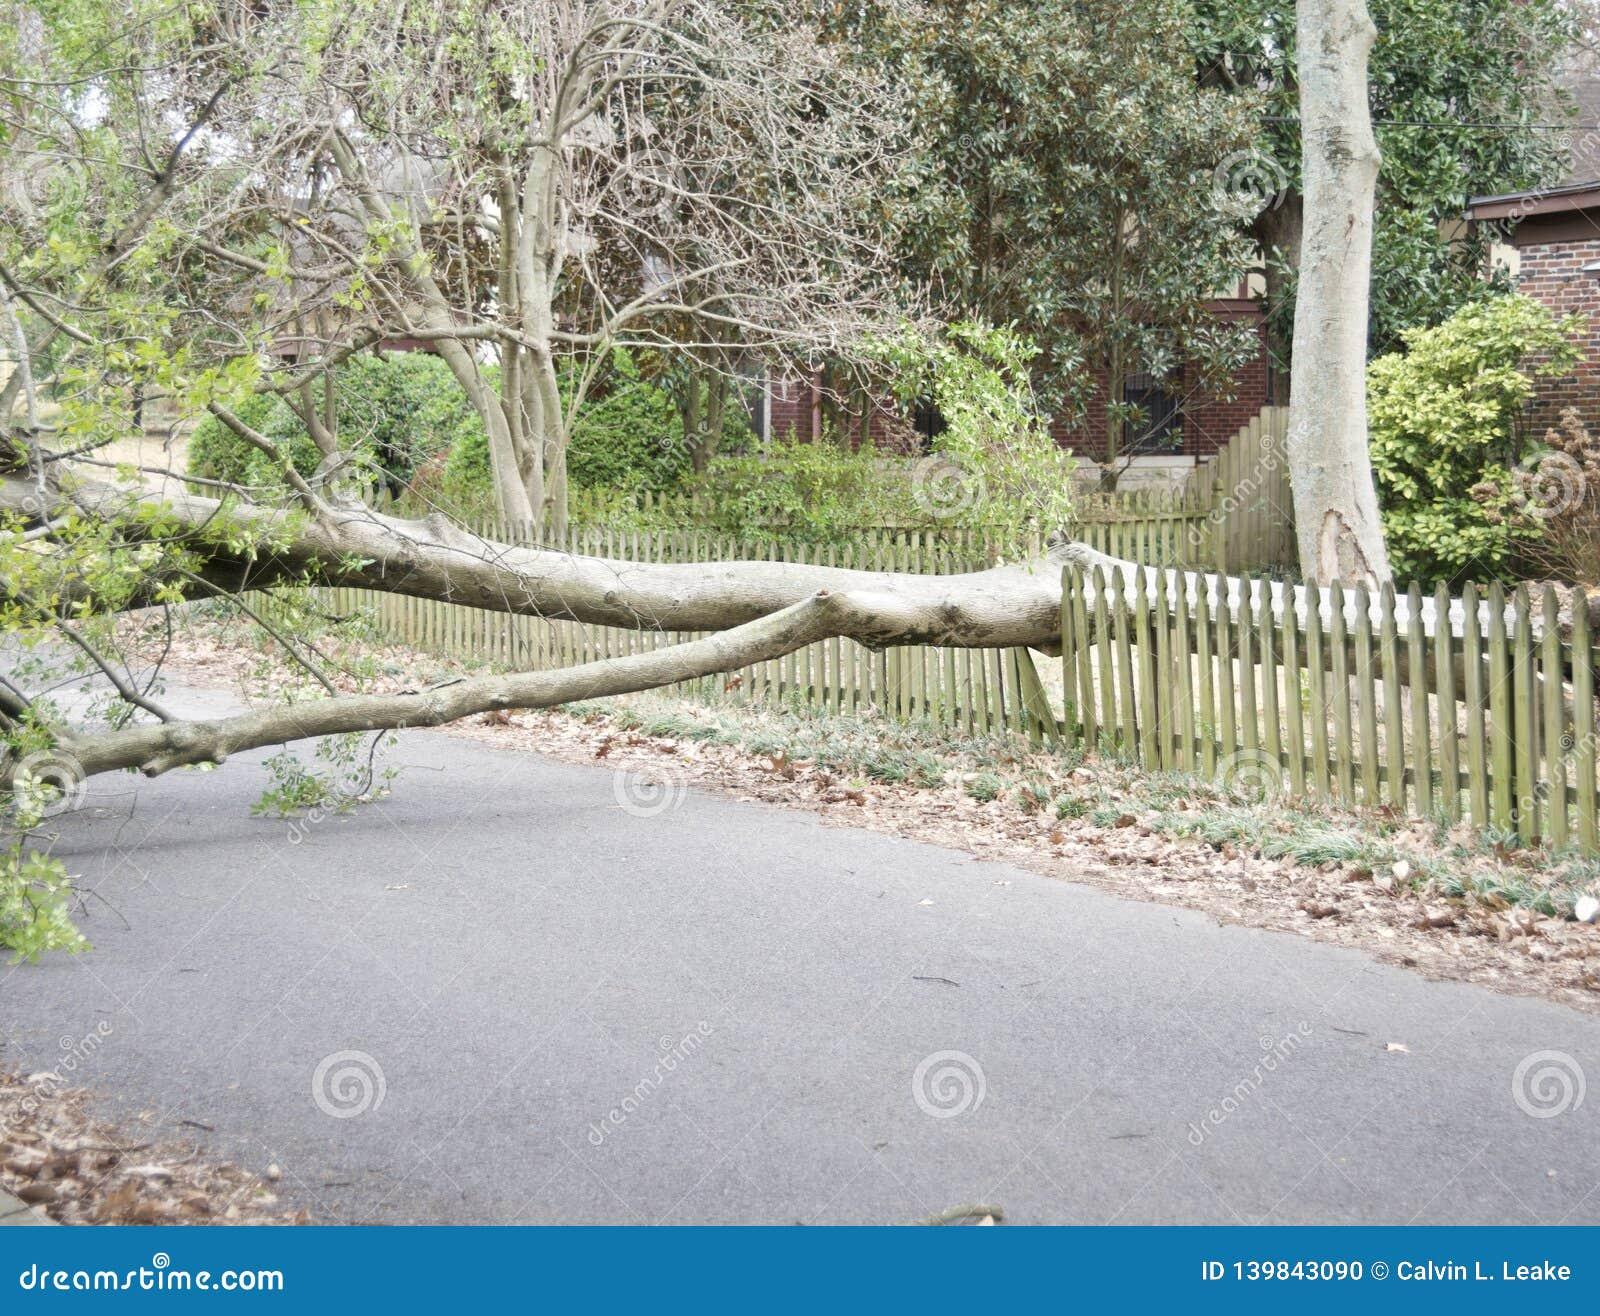 Tornando Beschadigd Huis en Bezit